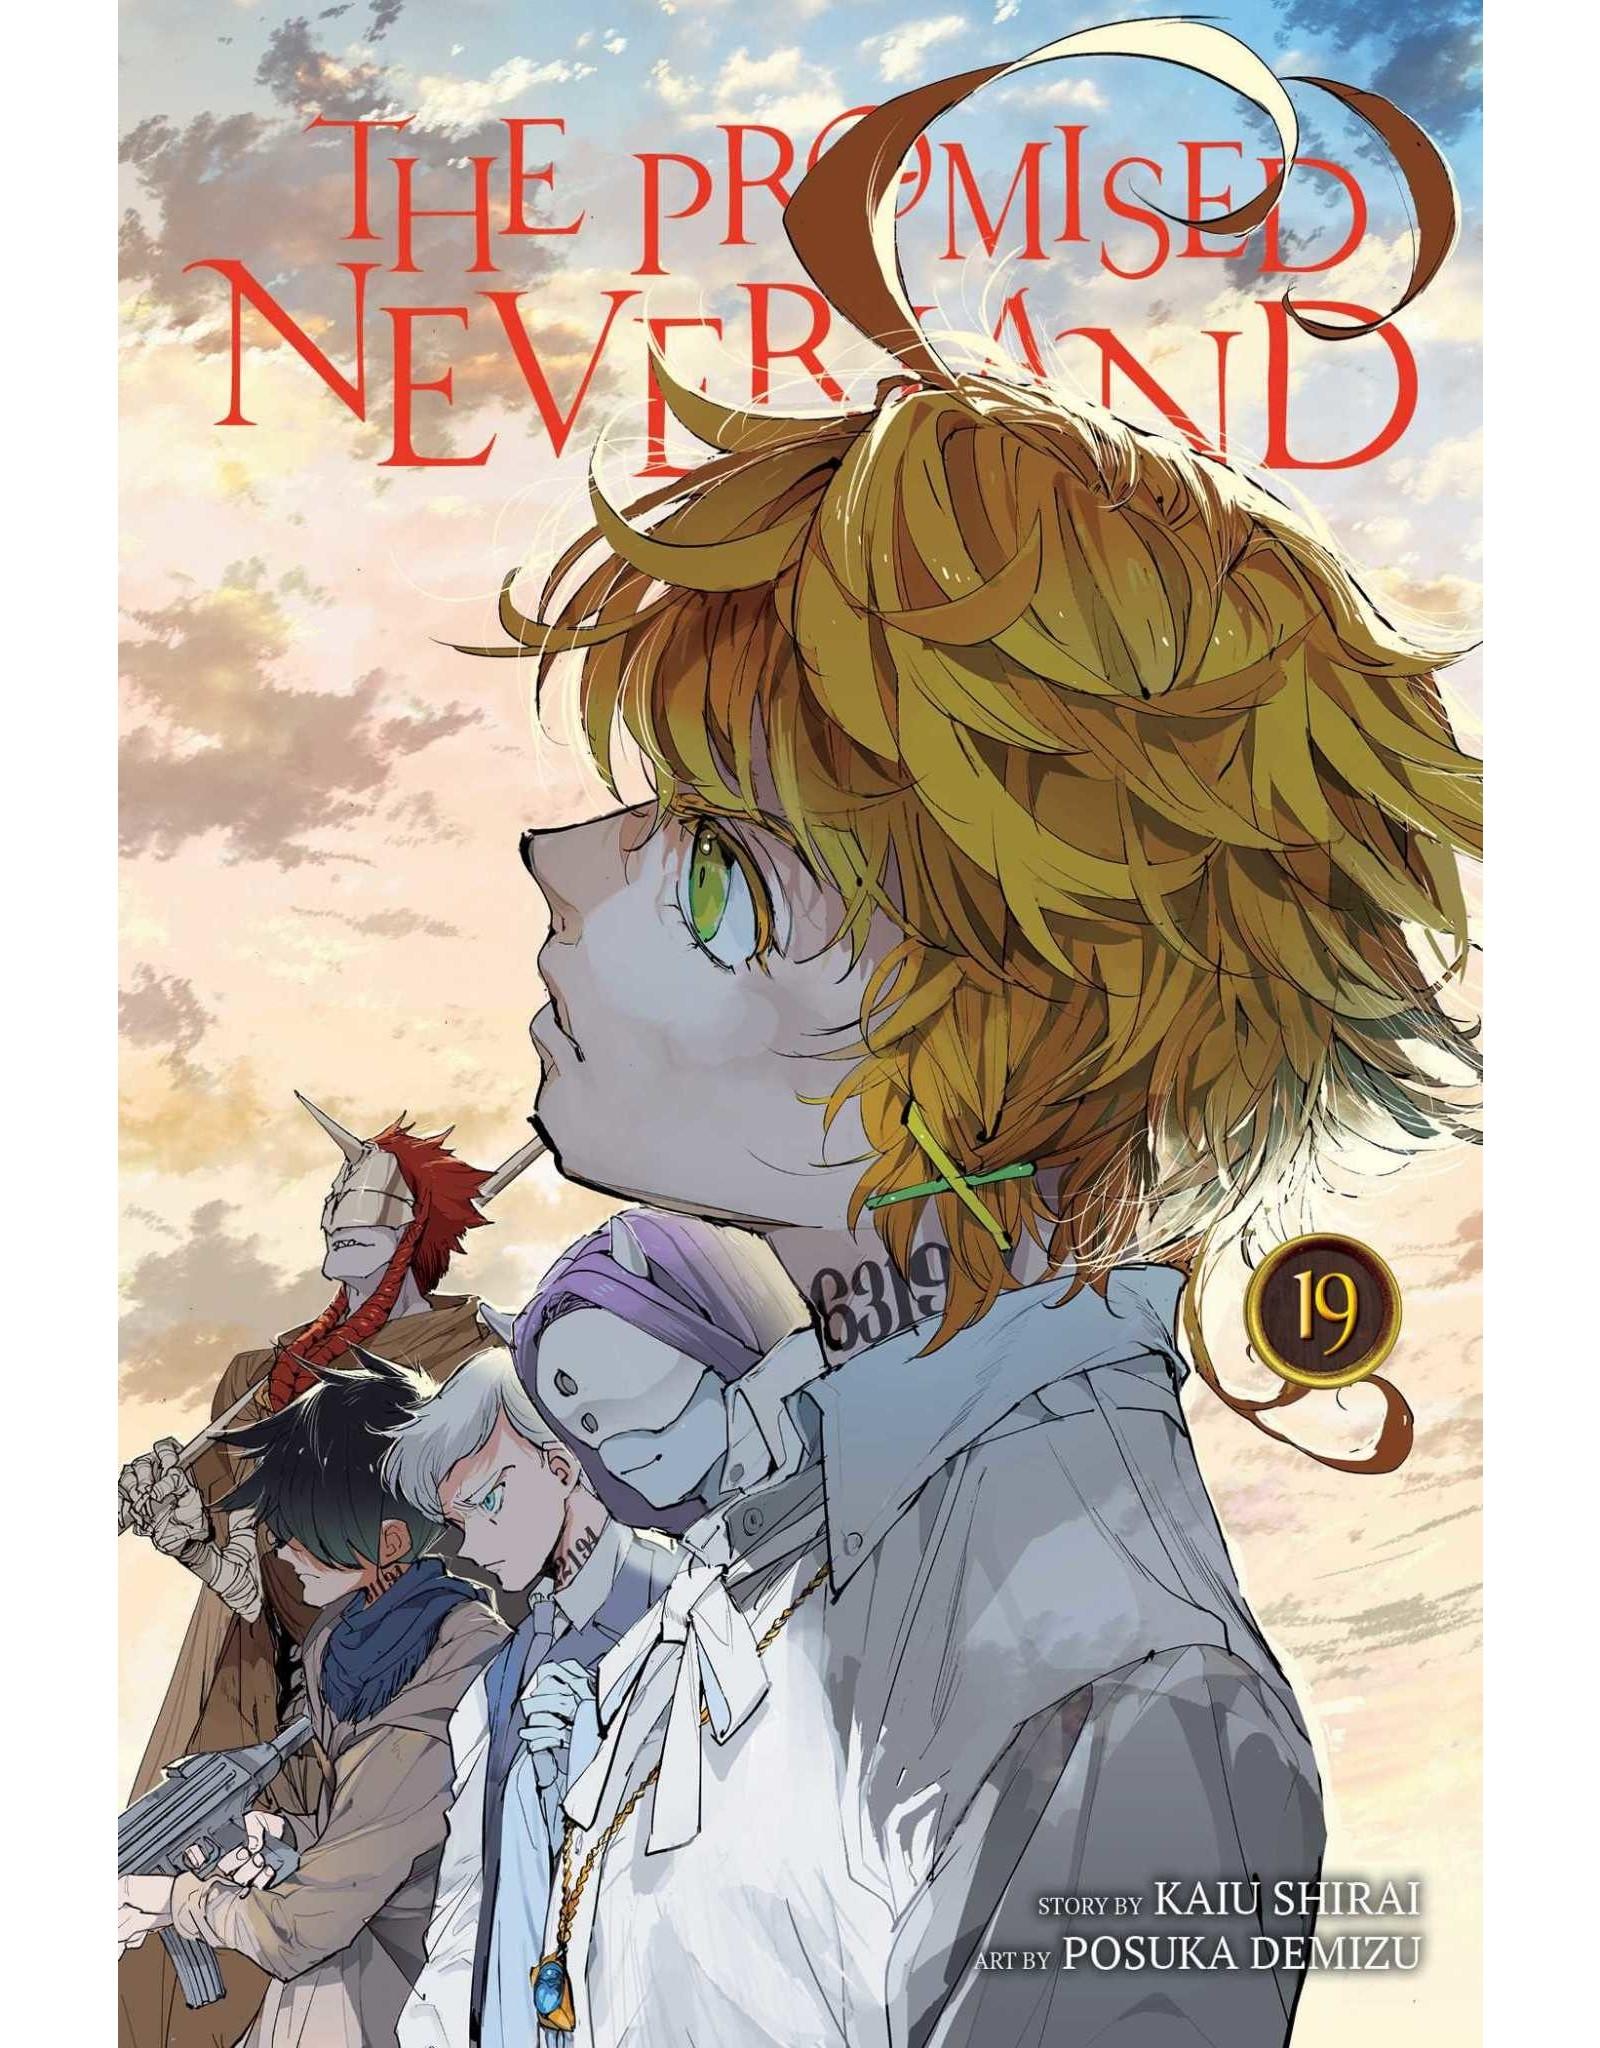 The Promised Neverland 19 (English) - Manga